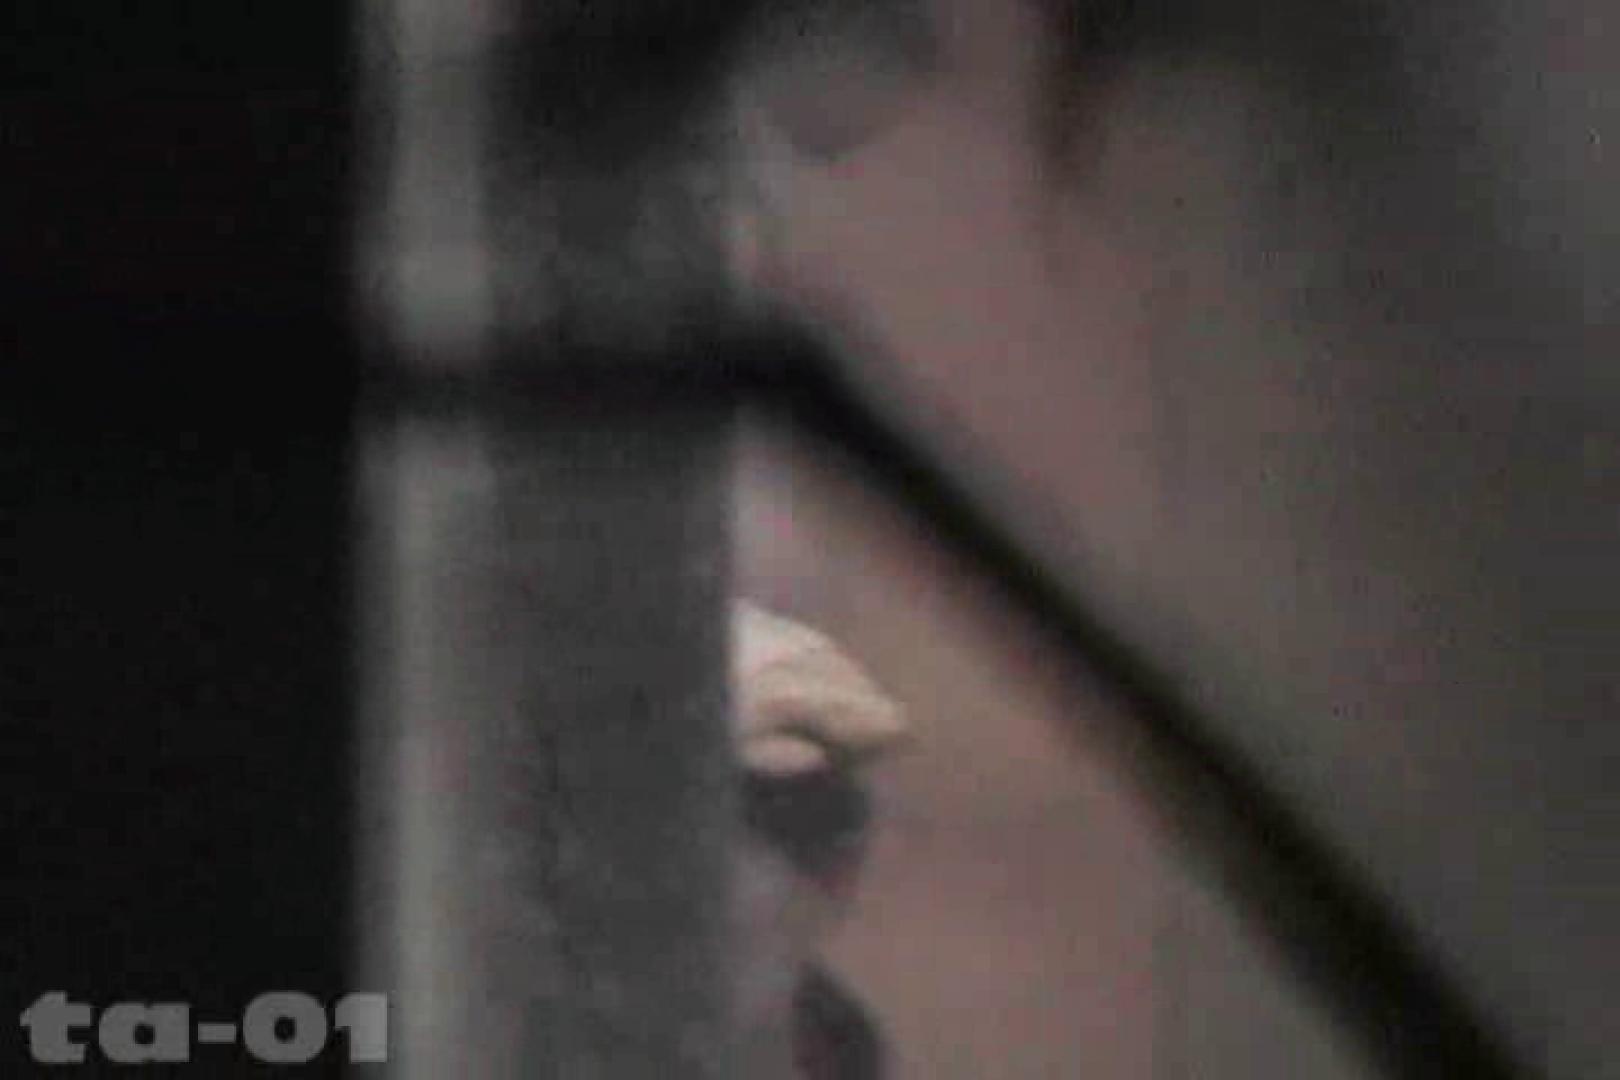 合宿ホテル女風呂盗撮高画質版 Vol.01 高画質 セックス無修正動画無料 59連発 20